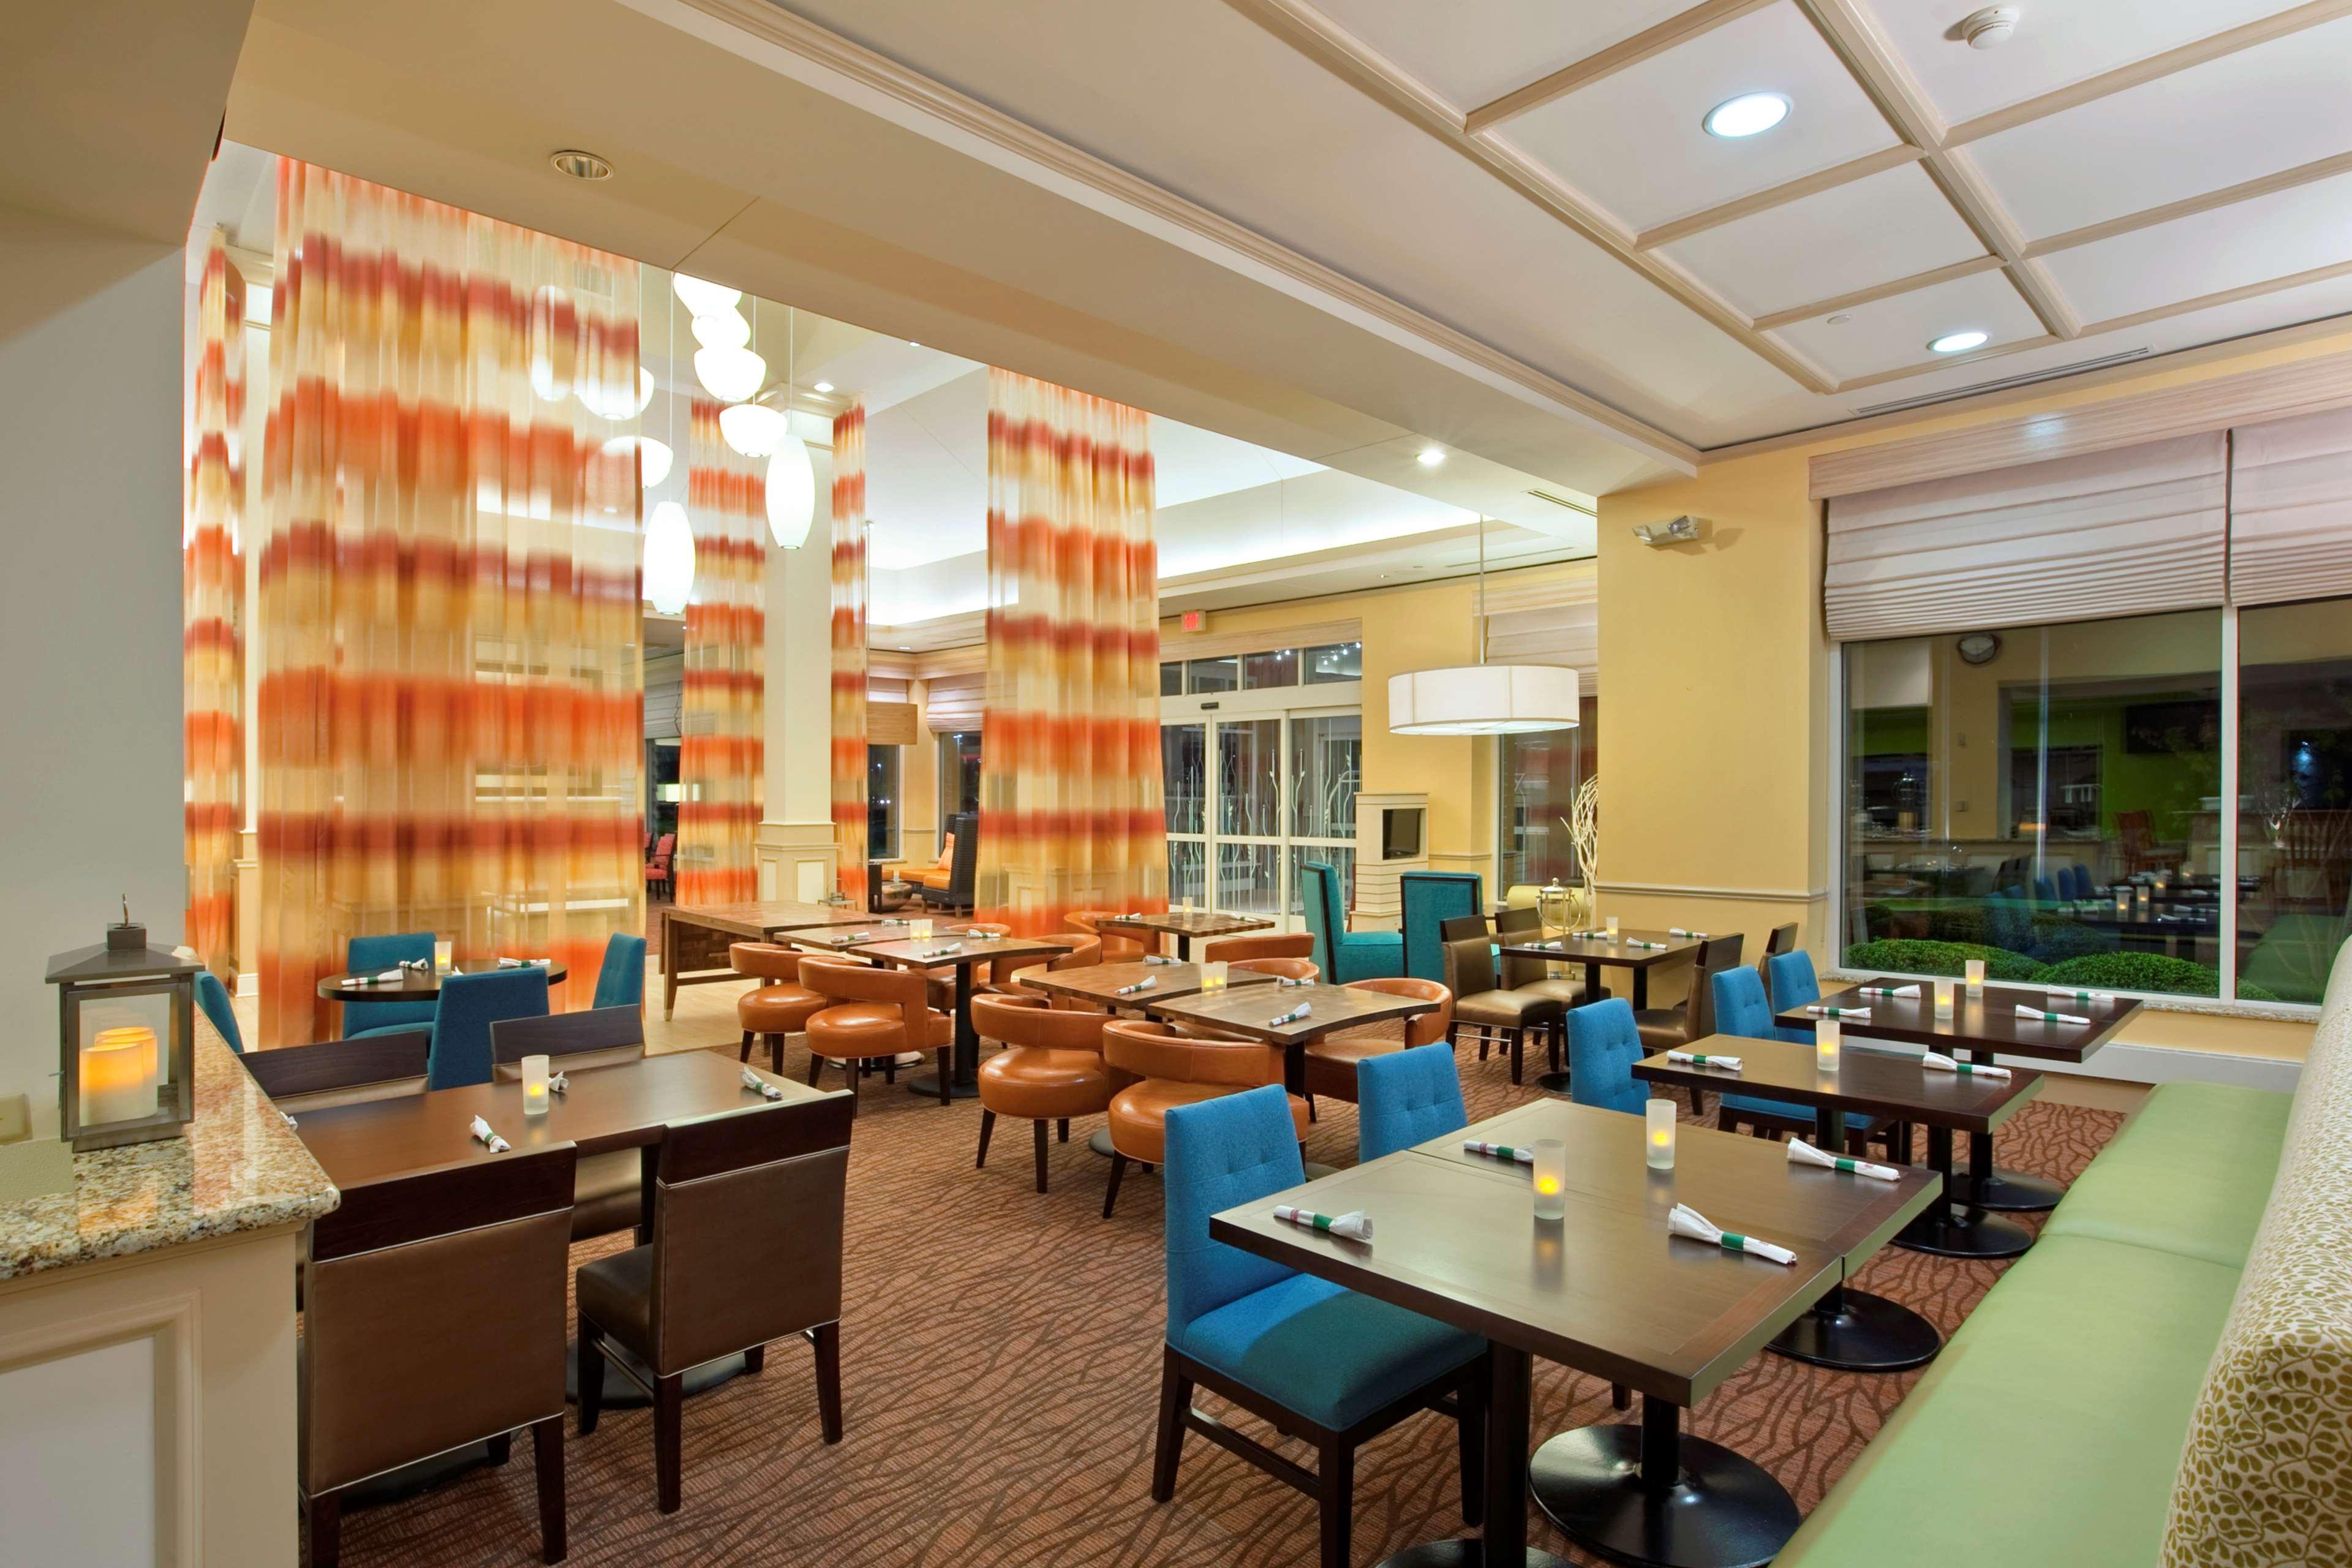 Hilton Garden Inn Hoffman Estates image 8